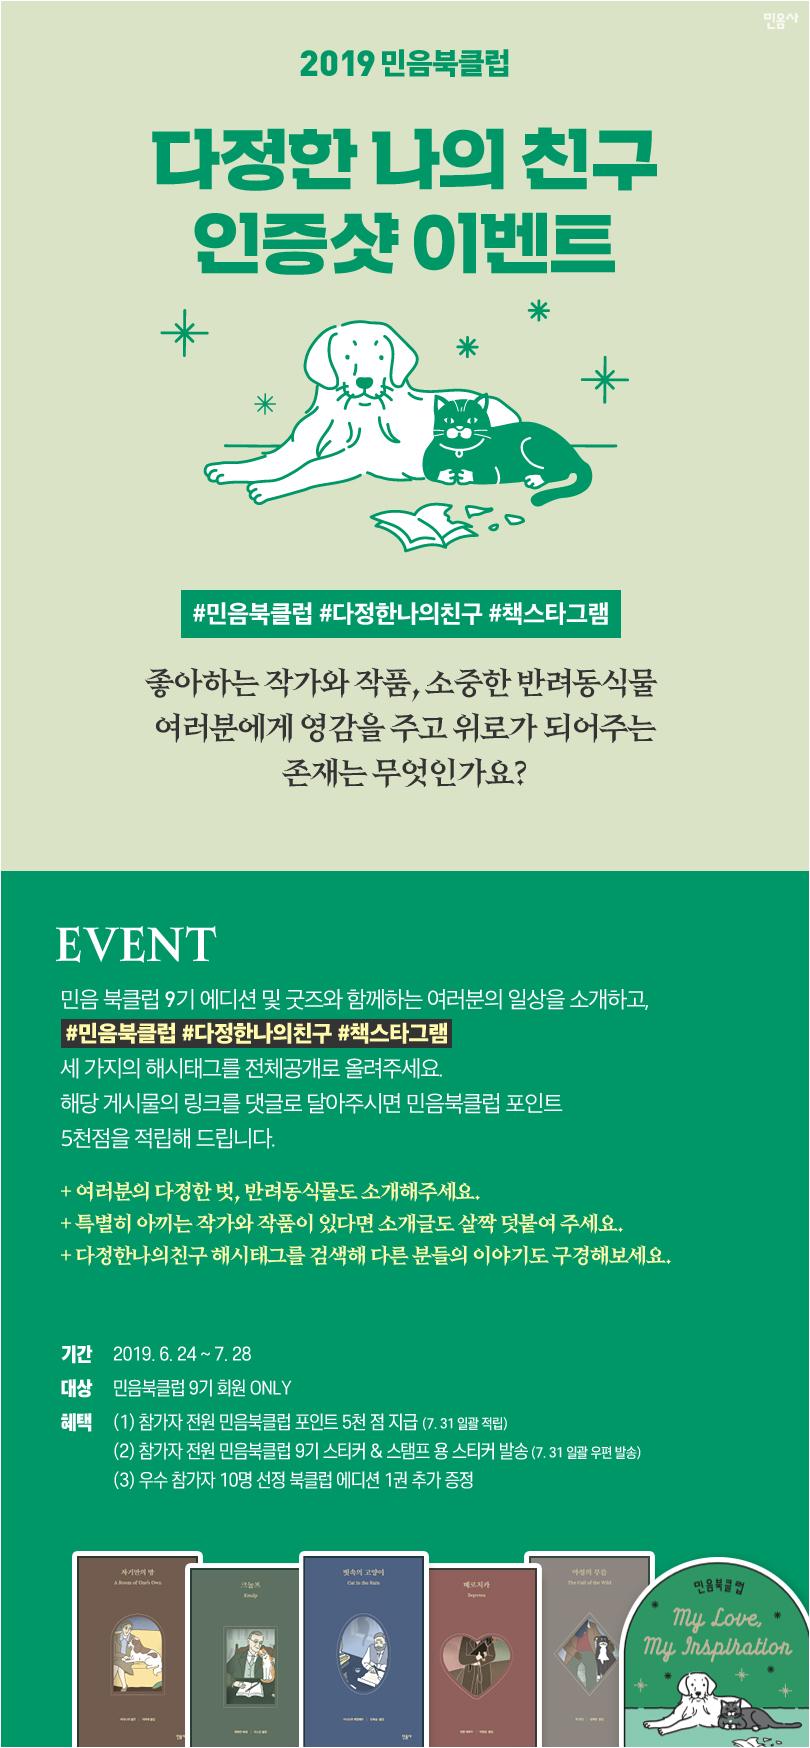 810_2019_민음북클럽_인증사진이벤트_01